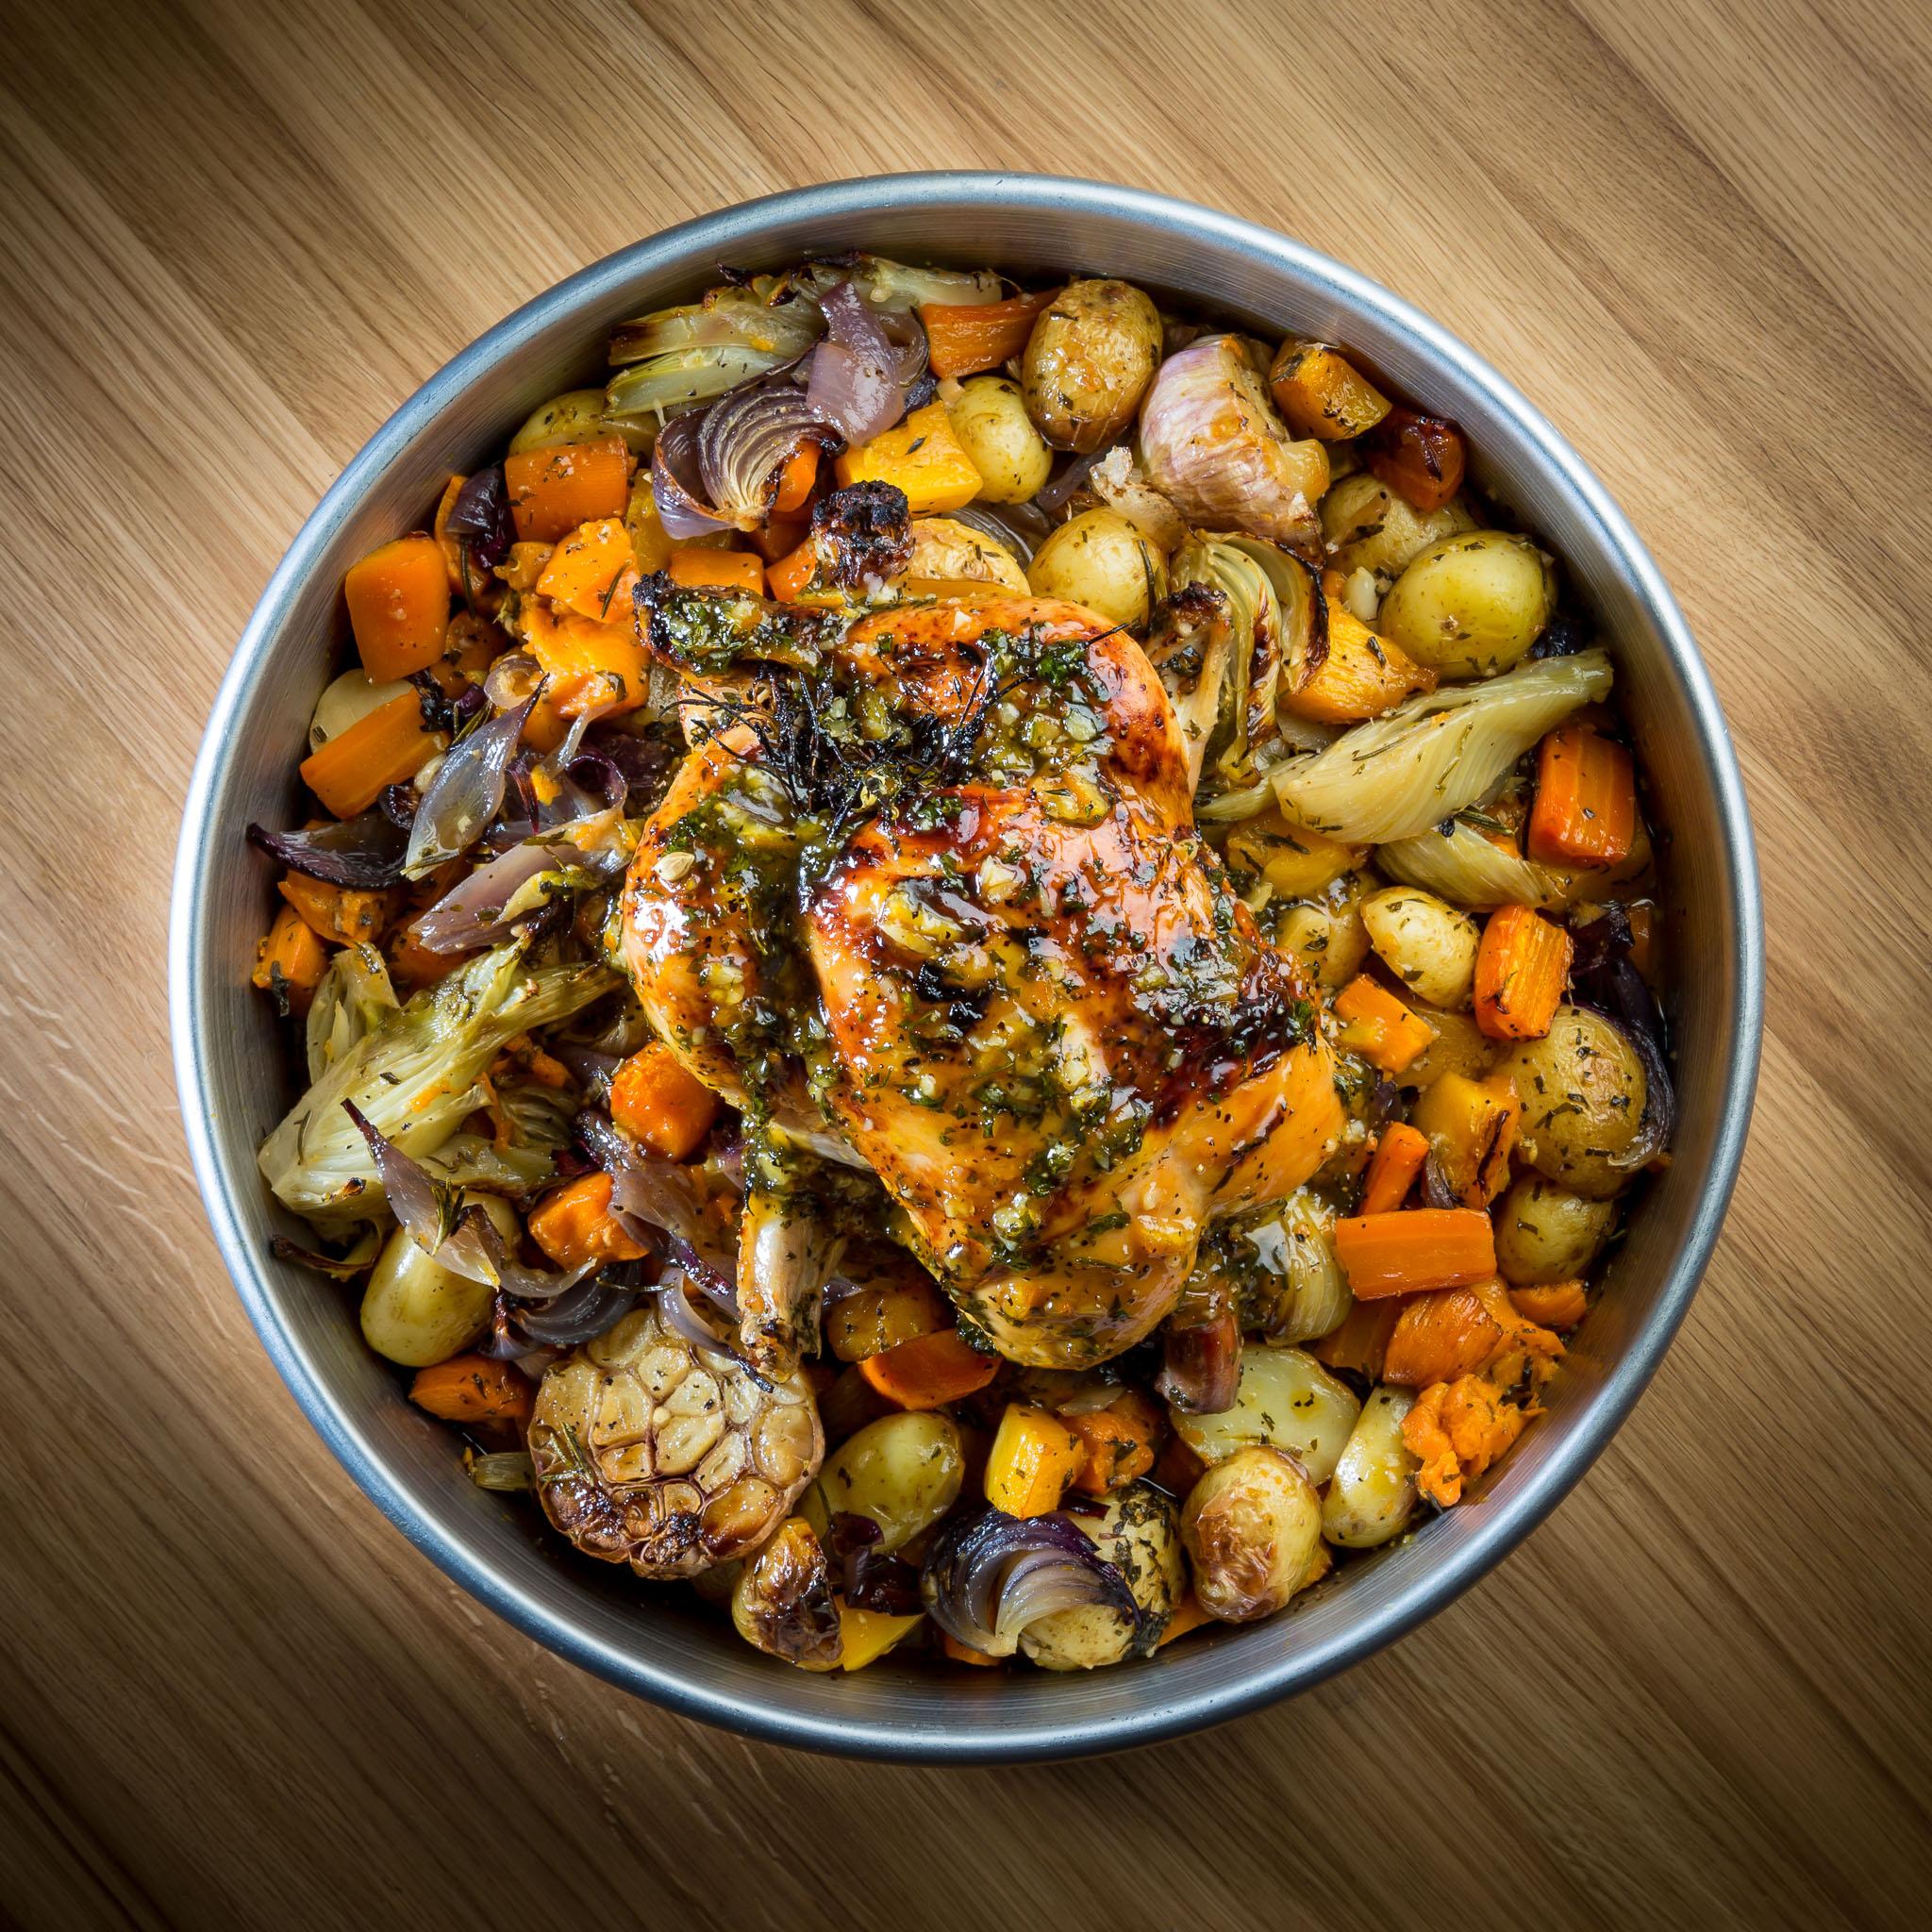 עוף שלם בתנור עם ירקות שורש. צילום: נמרוד גנישר